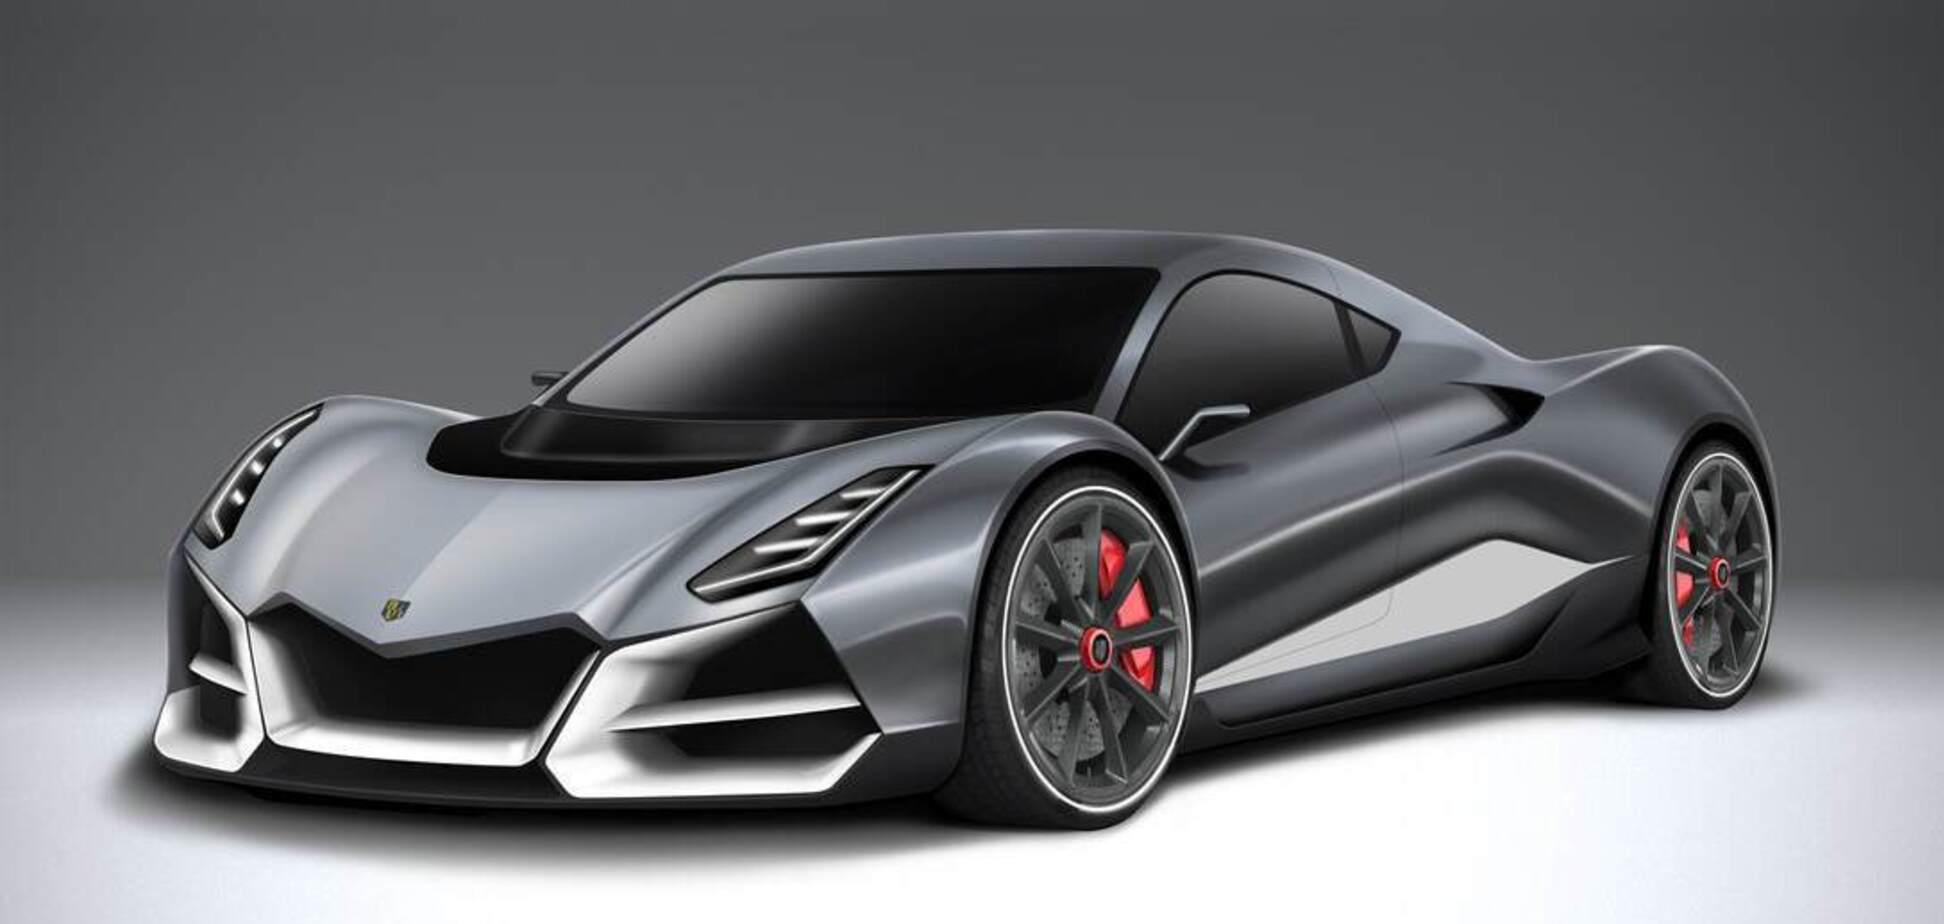 Швейцарська фірма Morand Cars анонсувала проект гіперкара